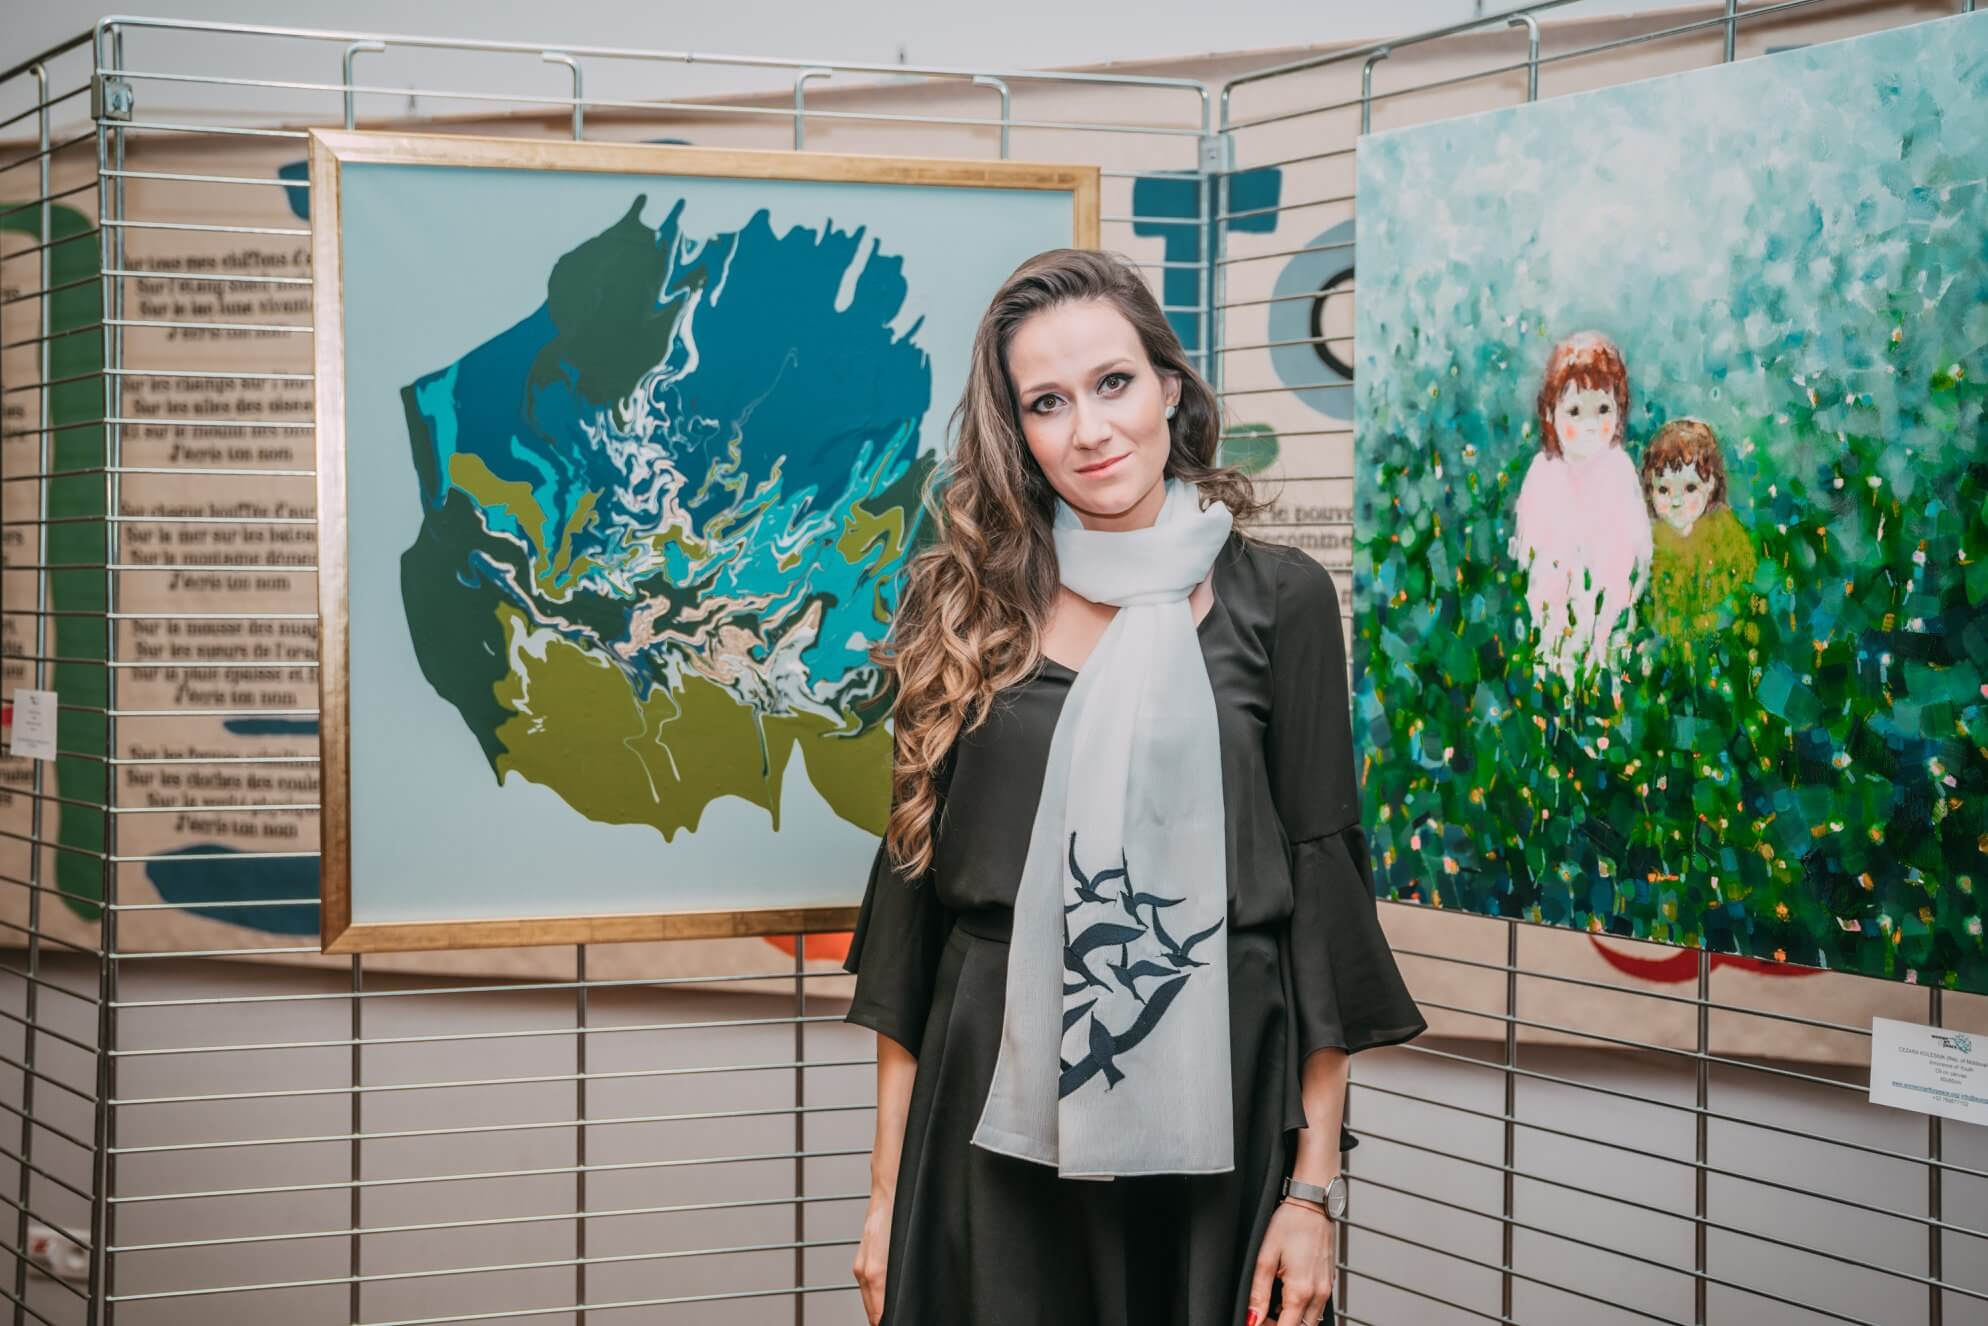 Natalija Miladinovic